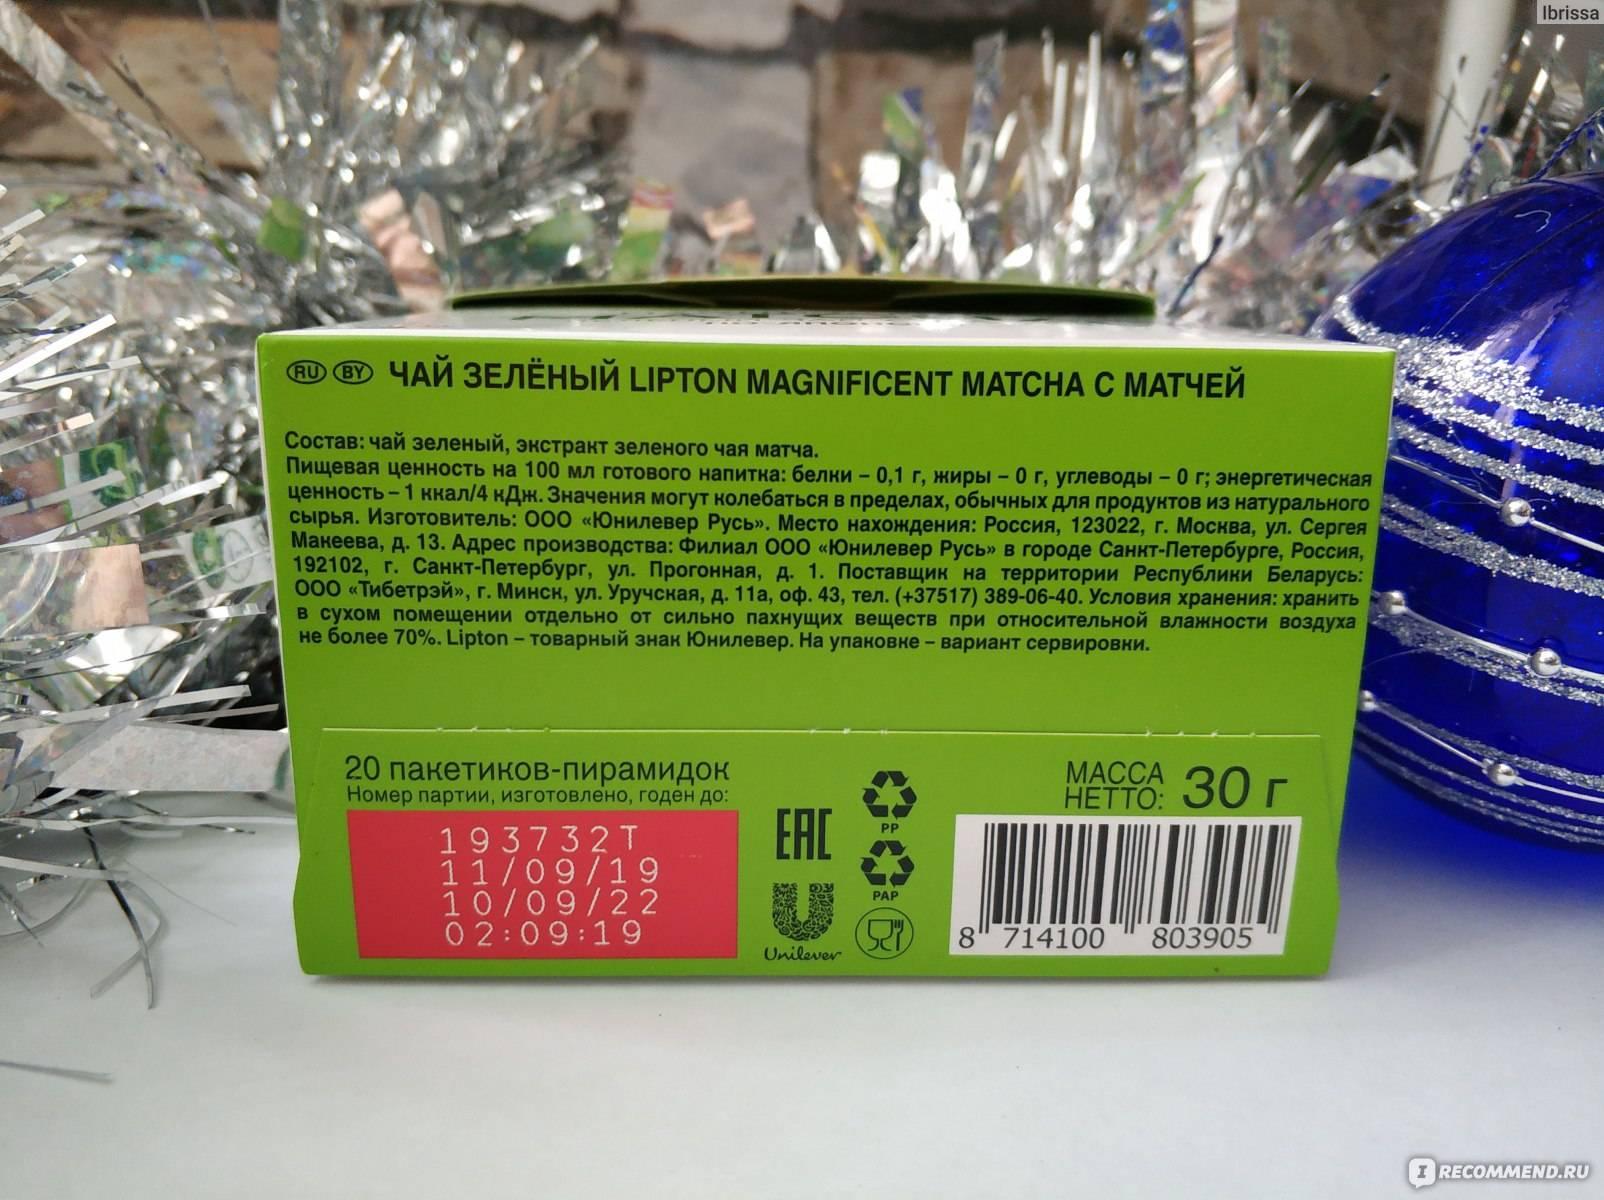 Сроки годности чая и хранения: какие имеет, сколько можно держать черный листовой, зеленый, пуэр, сухой в пакетиках, заваренный, есть ли вред, если просрочен? правовой.стандарт